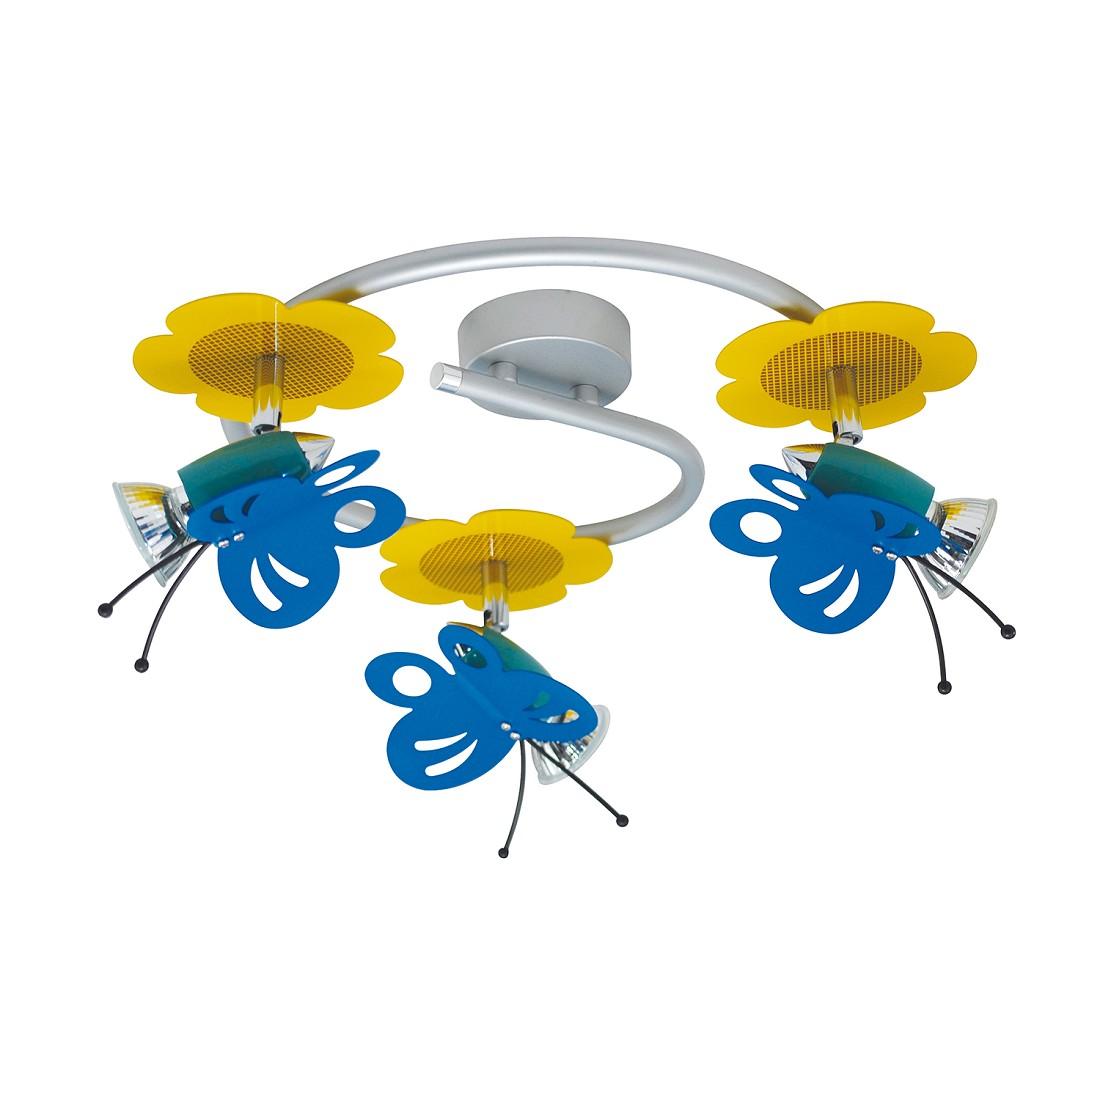 Home 24 - Eek b, plafonnier fly - métal multicolore 3 ampoules, näve